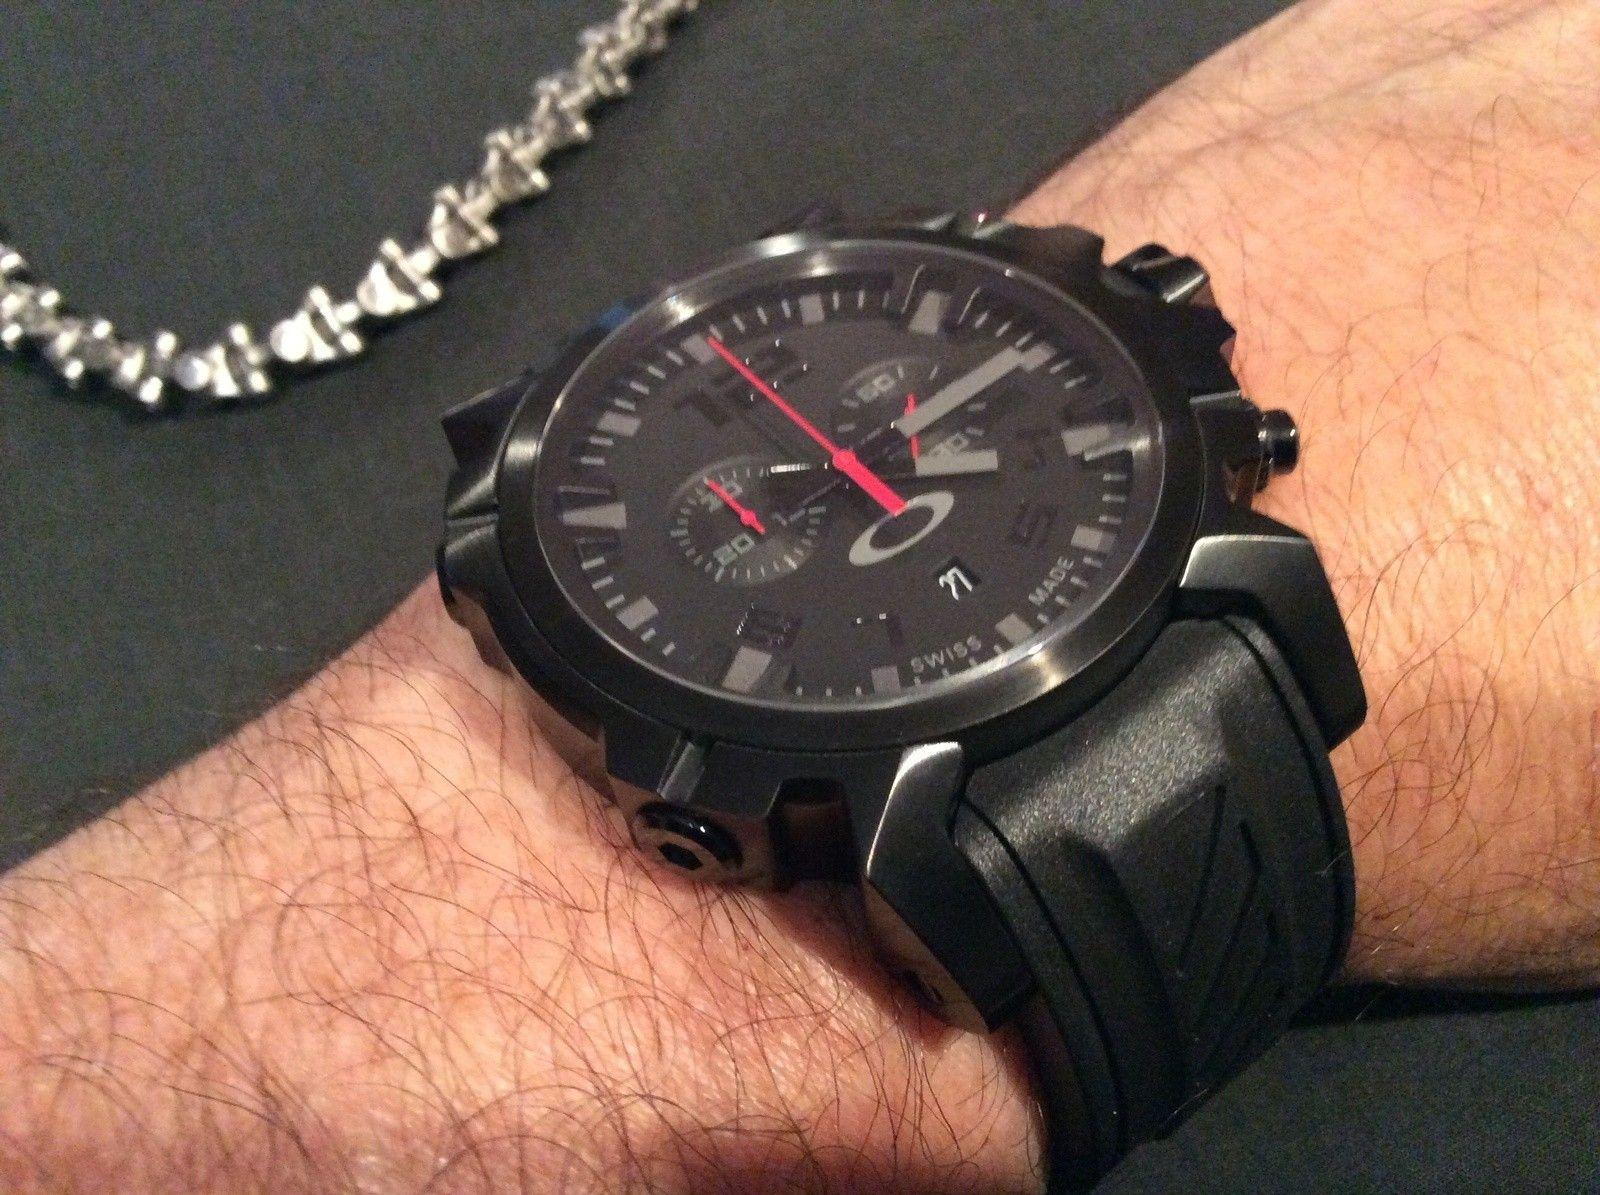 Oakley Double Tap Watch - Pics Inside - image.jpg